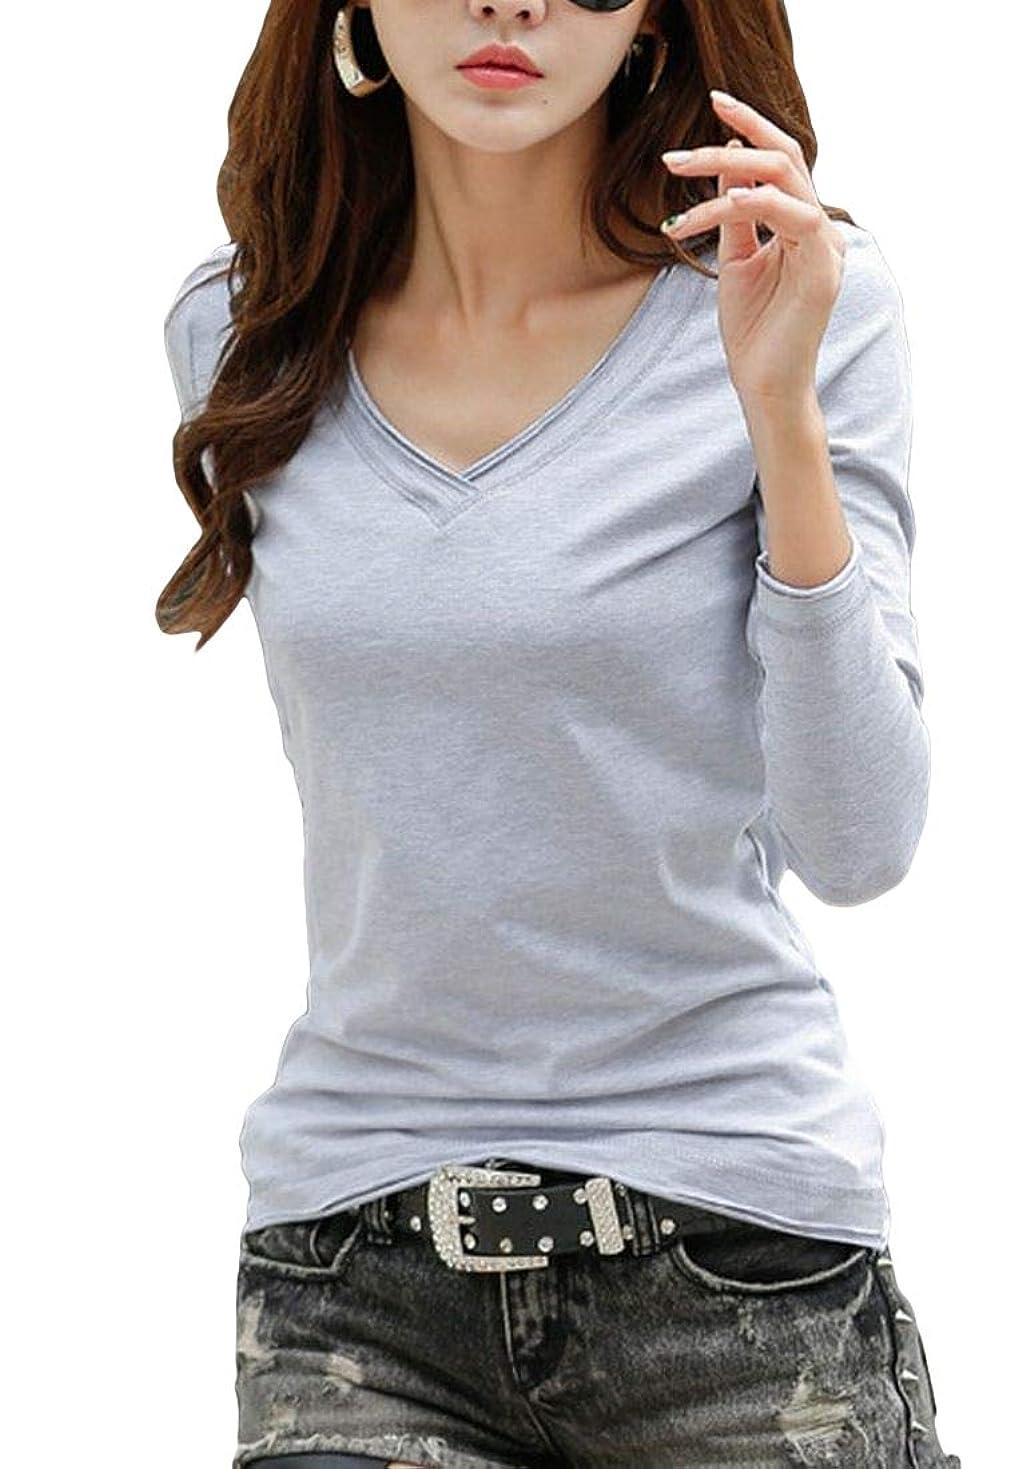 下る盗難マーキー[Happy Honu(ハッピー ホヌ)] tシャツ 半袖 長袖 vネック 大きいサイズ 綿 無地 白 黒 グレー セクシー レディース